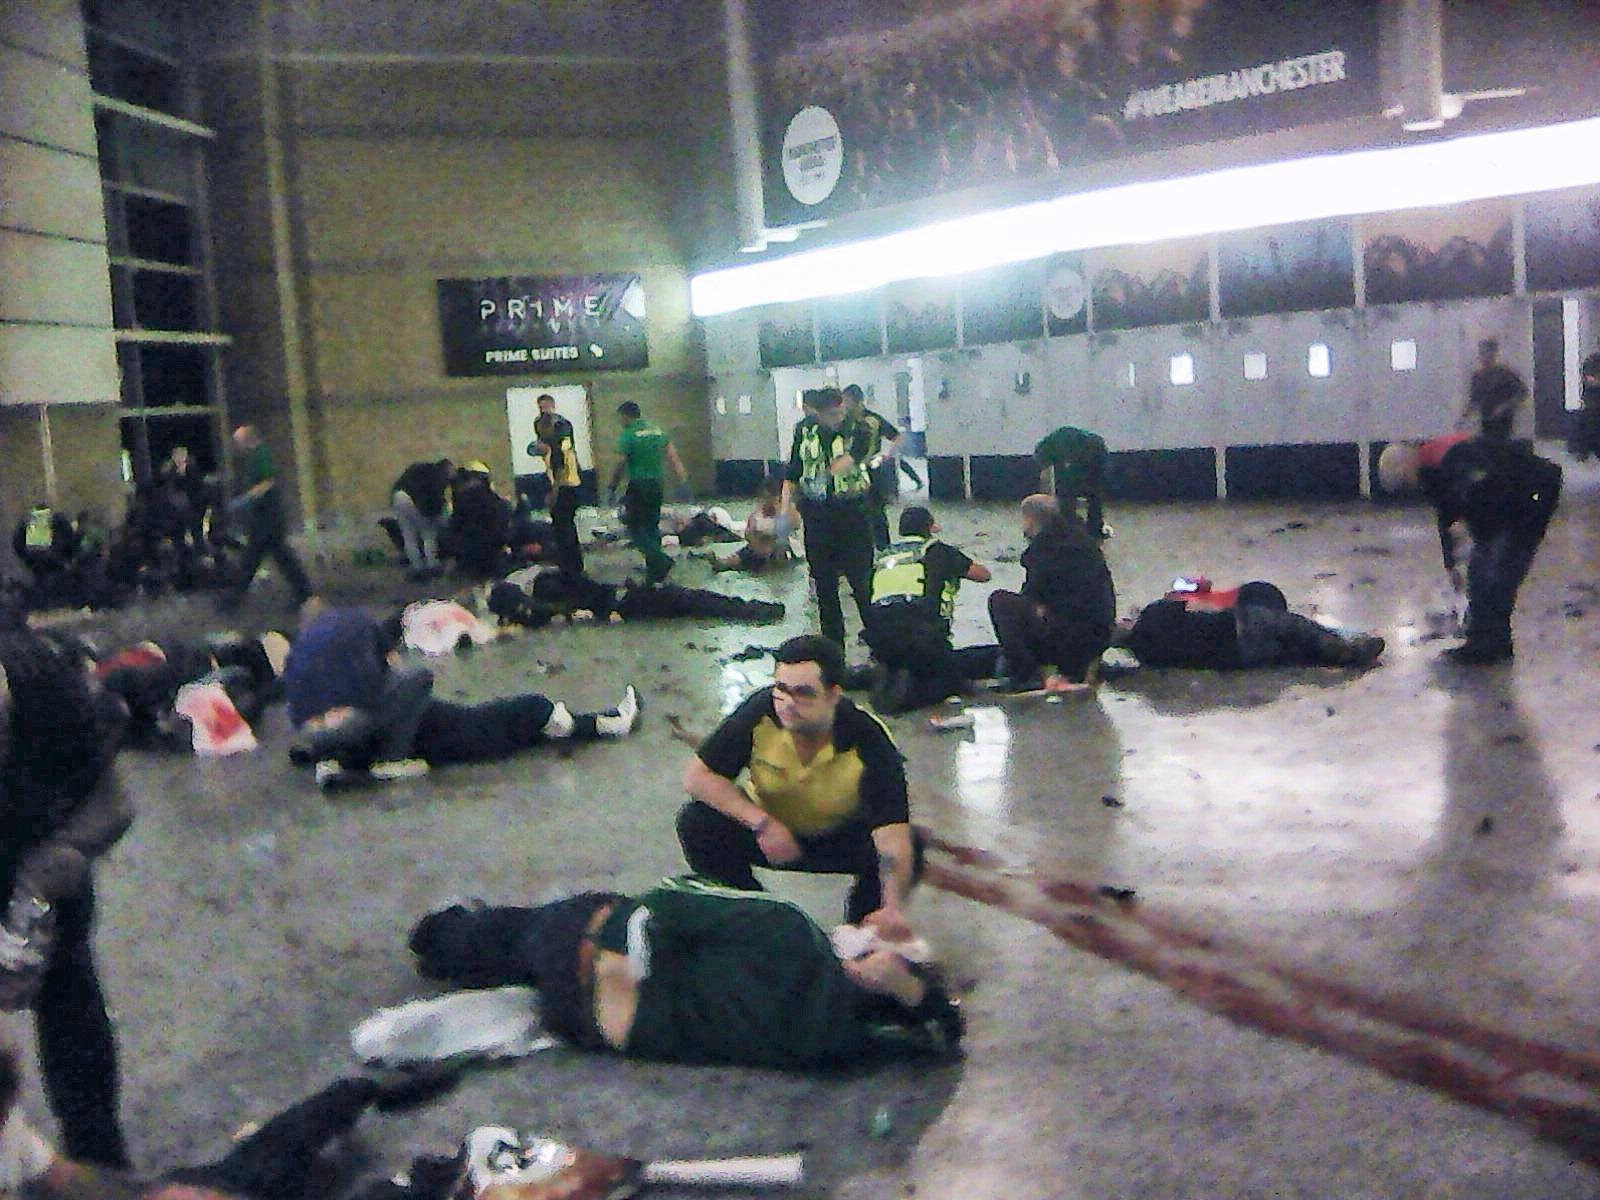 HJELPER: Hjelpearbeidere bidrar på innsiden av Manchester Arena etter eksplosjonen.